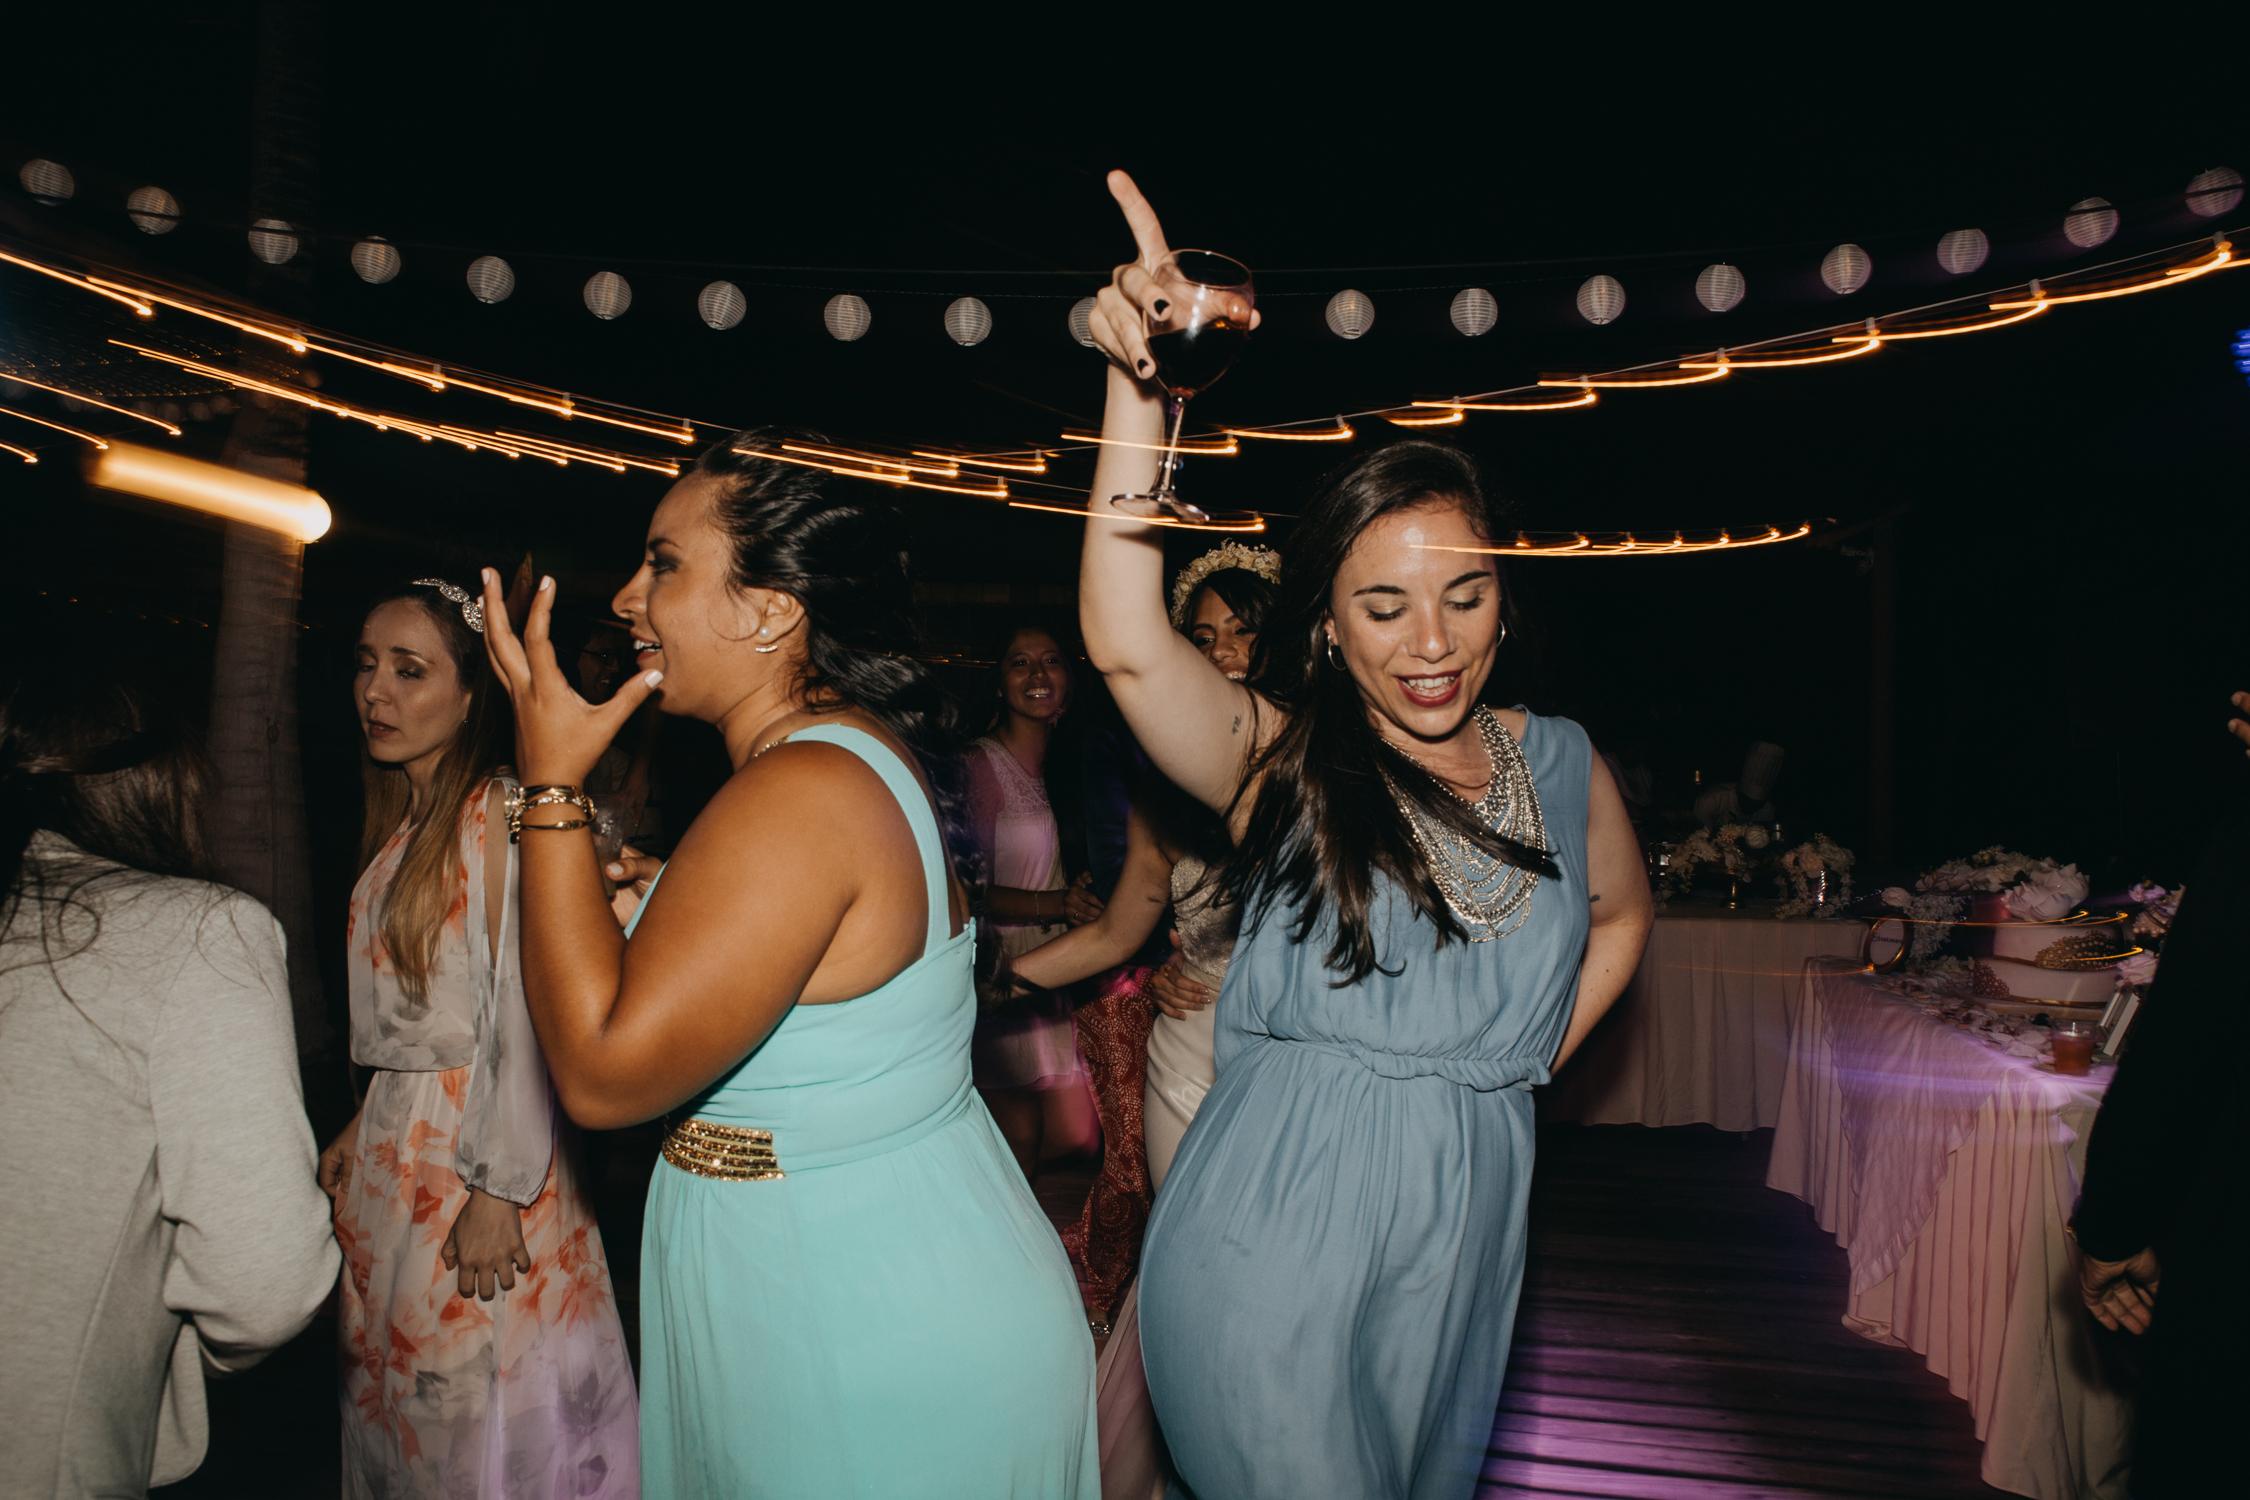 Michelle-Agurto-Fotografia-Bodas-Ecuador-Destination-Wedding-Photographer-Galapagos-Andrea-Joaquin-465.JPG